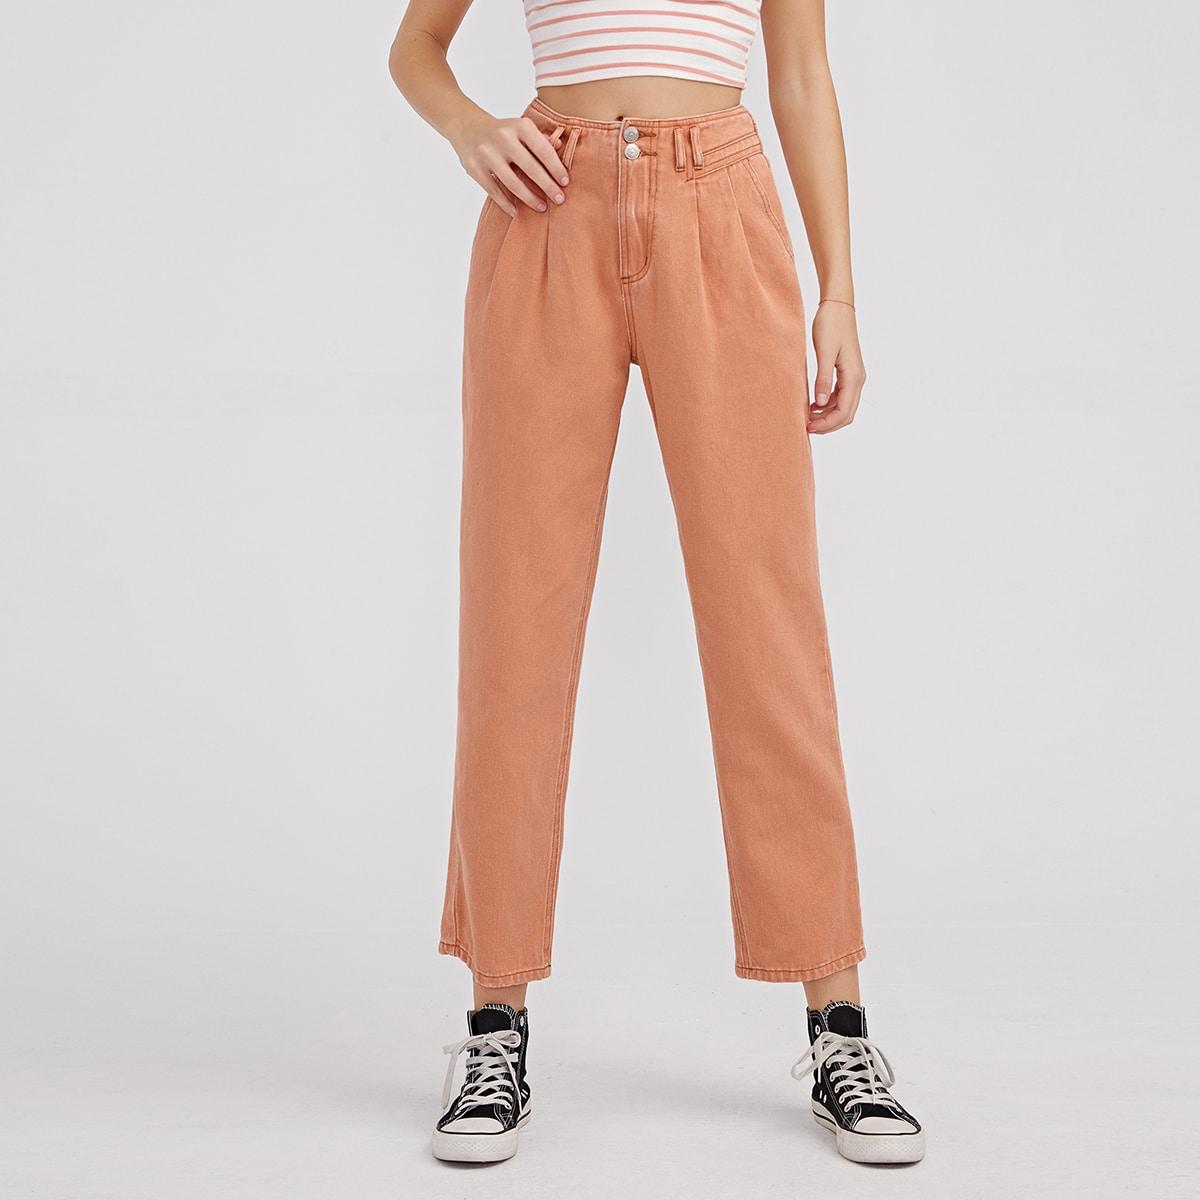 Прямые короткие джинсы